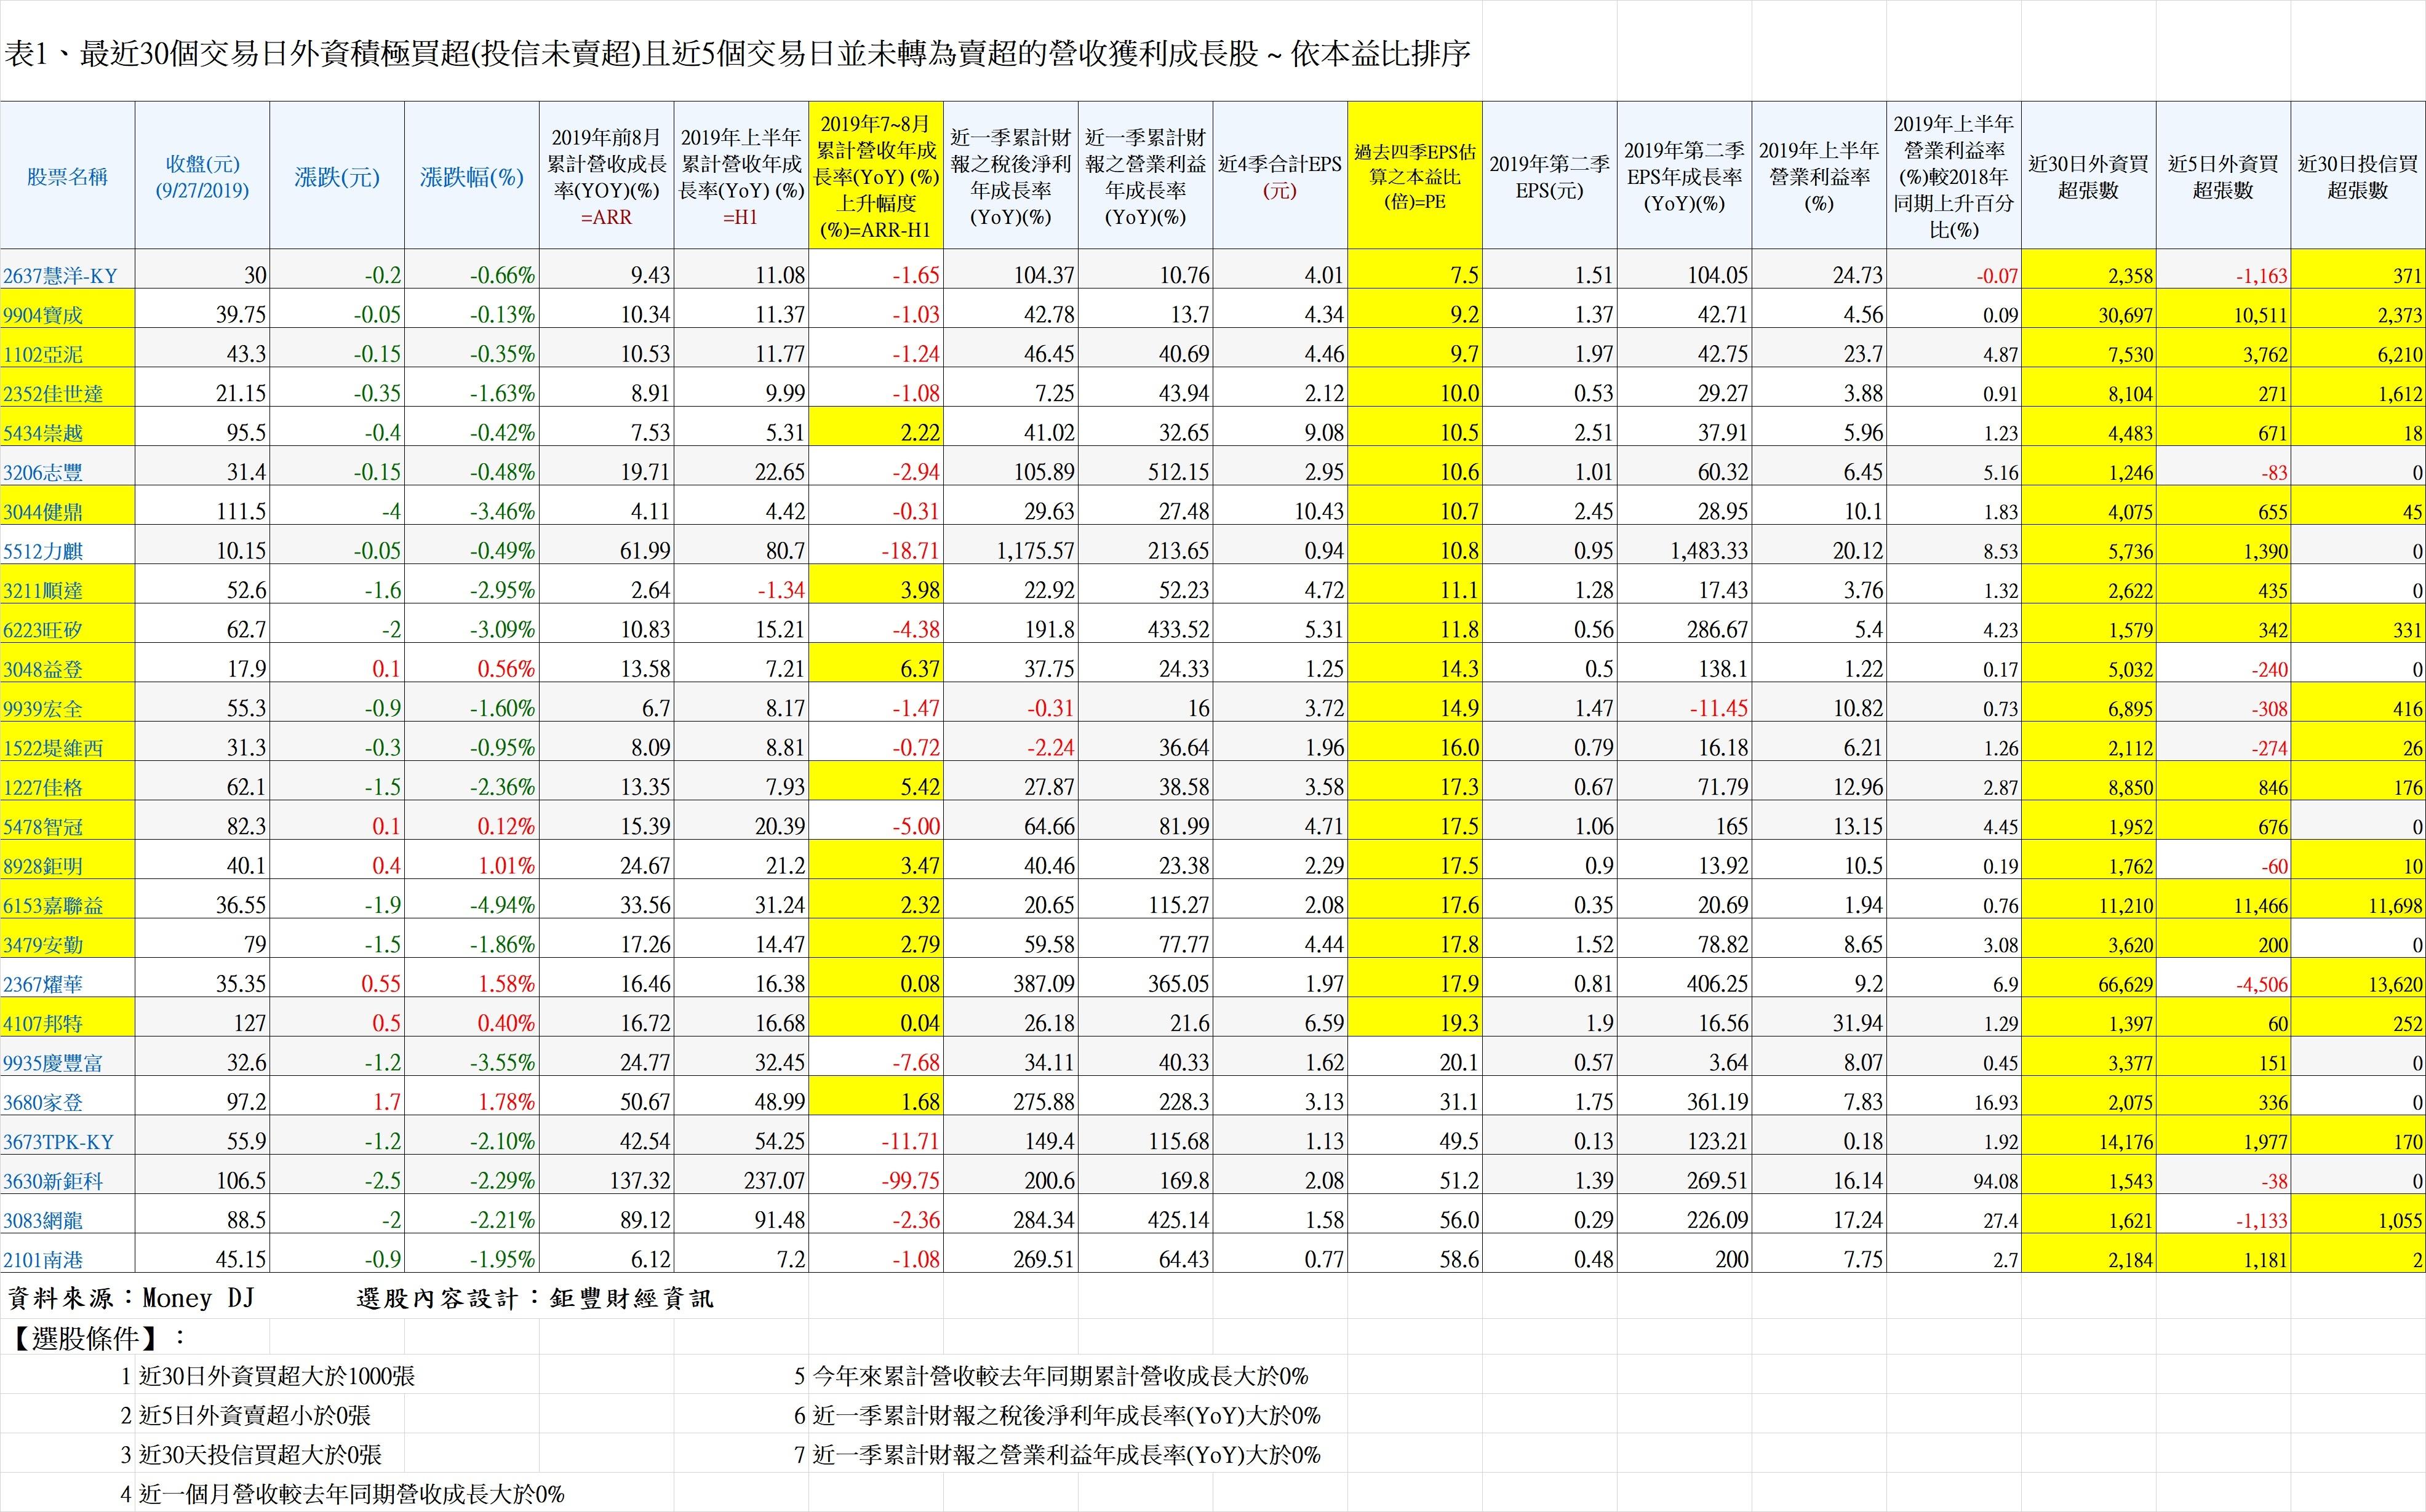 20190929表1、最近30個交易日外資積極買超(投信未賣超)且近5個交易日並未轉為賣超的營收獲利成長股 ~ 依本益比排序